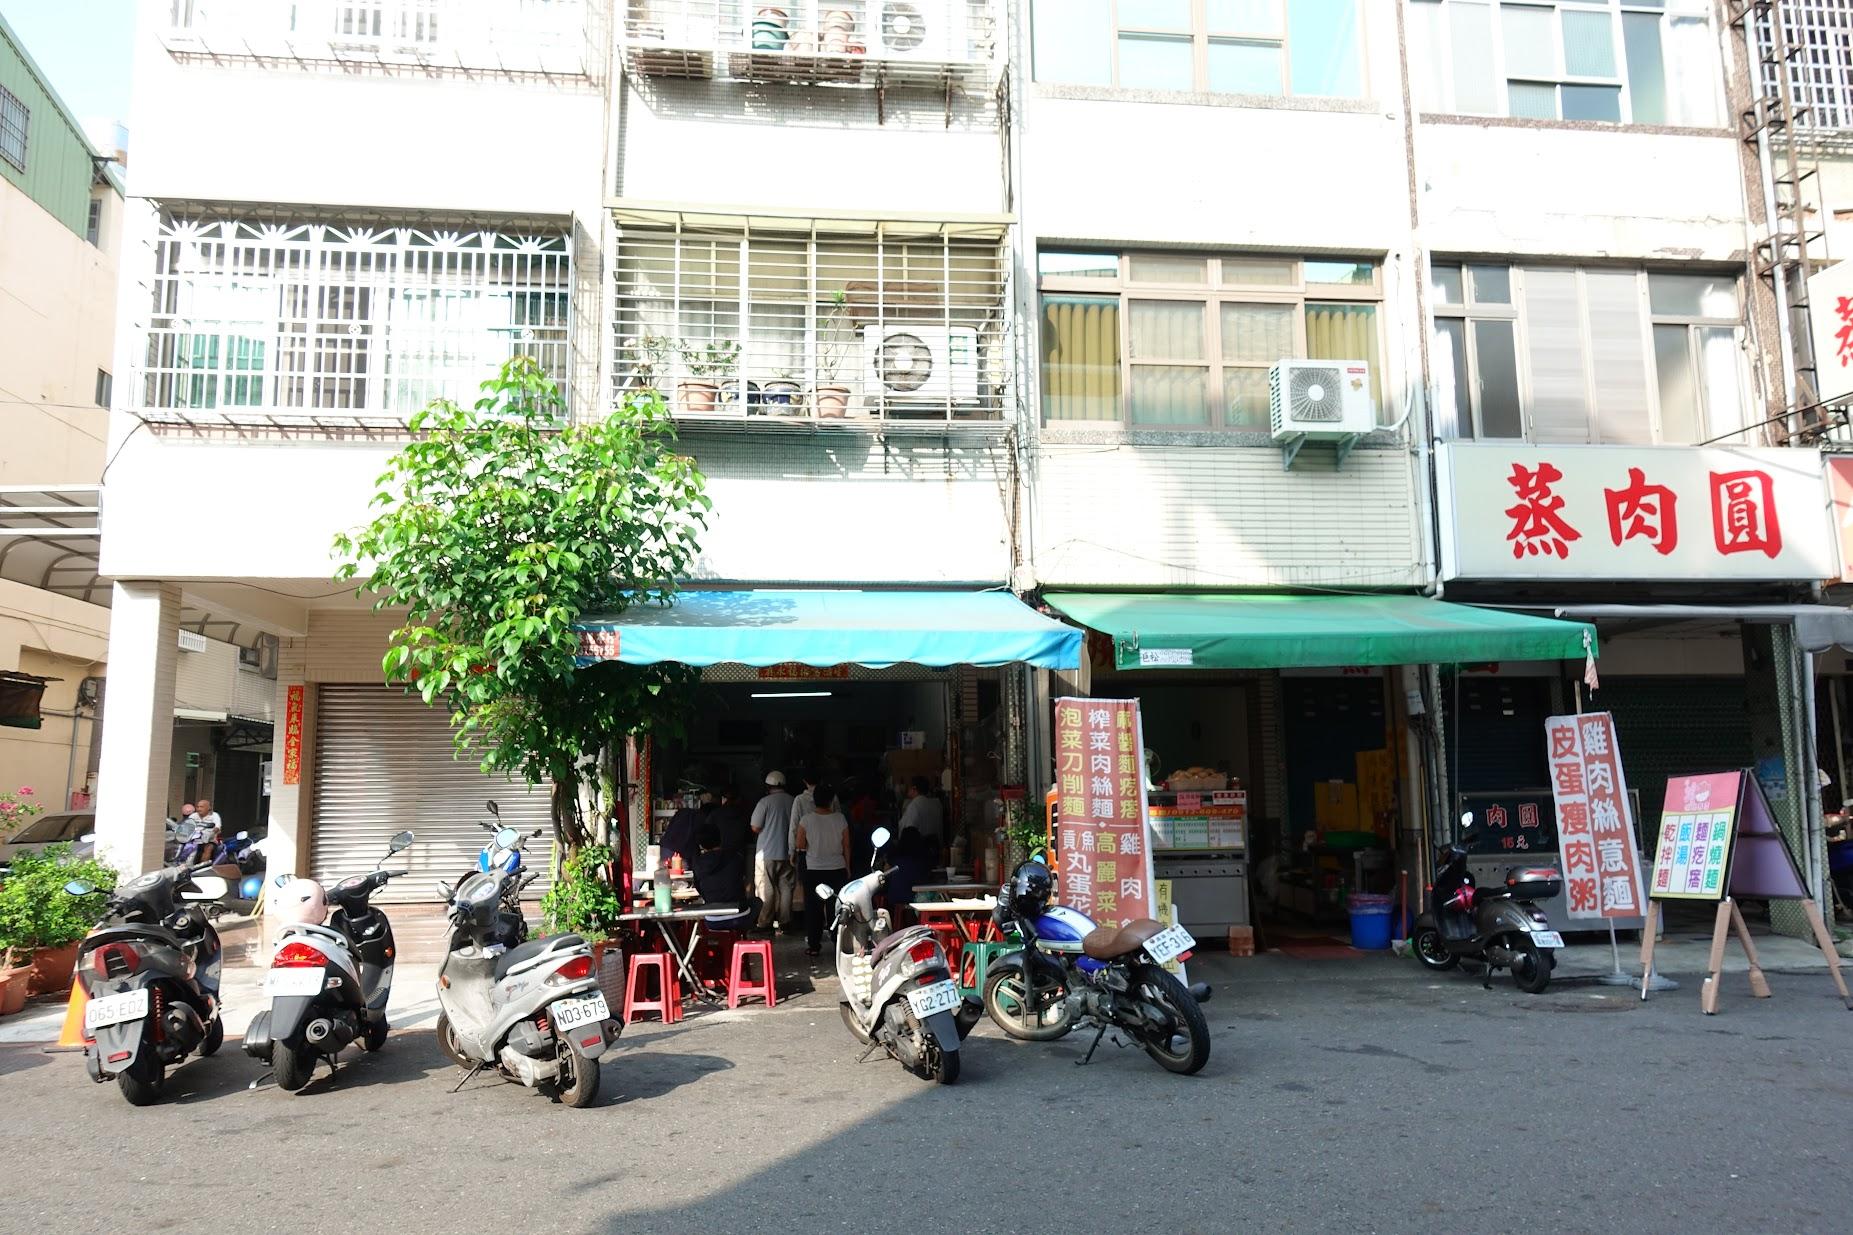 """在嫩江街上這一家""""藍鯨早餐""""生意很好喔! 不過沒有顯著招牌,經過了好幾次,確認這家排隊的就是這次要吃的早餐!"""